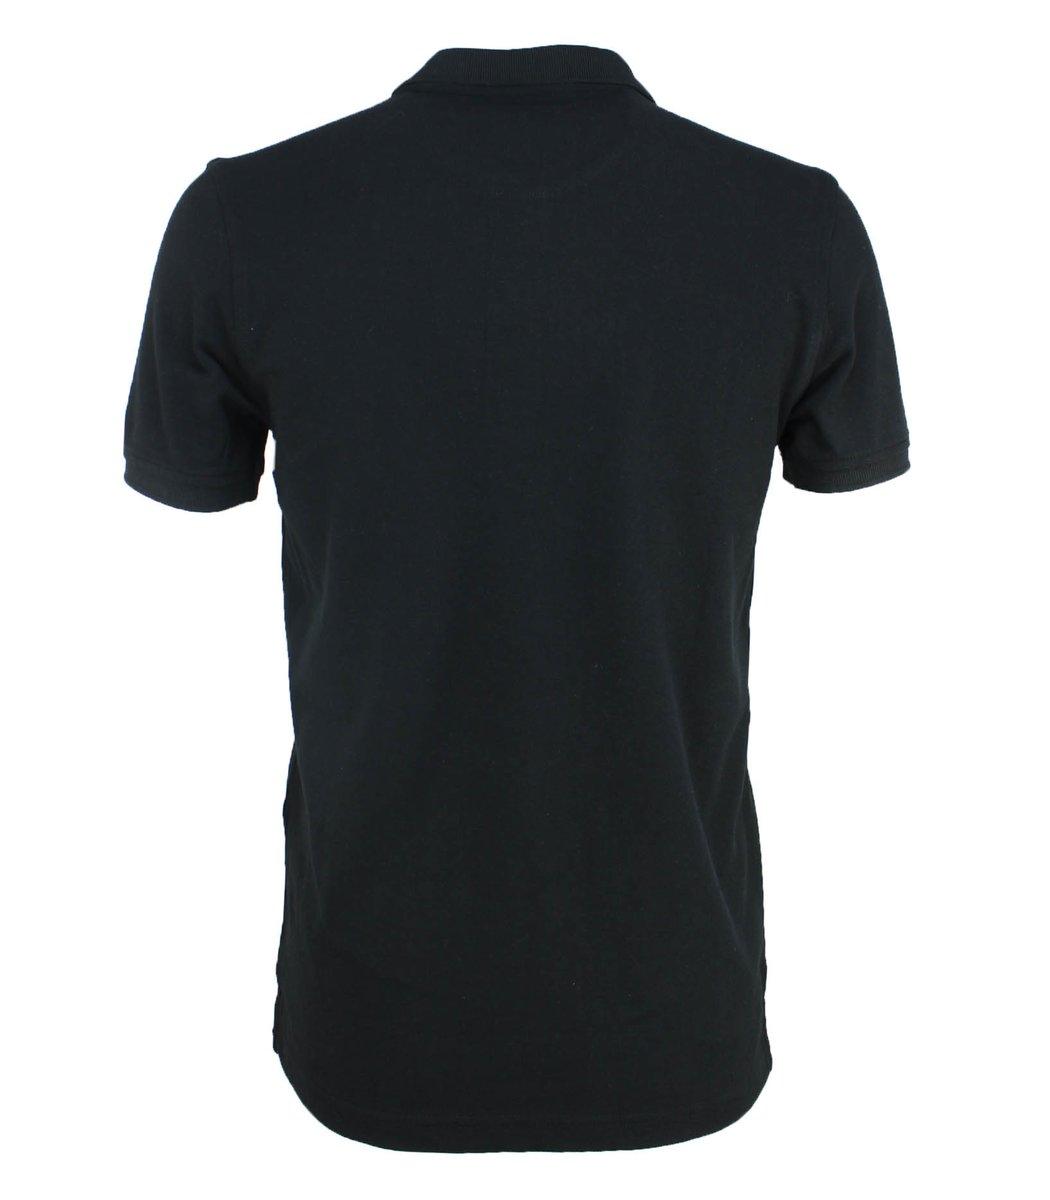 Чёрная футболка поло Ralph Lauren RL3